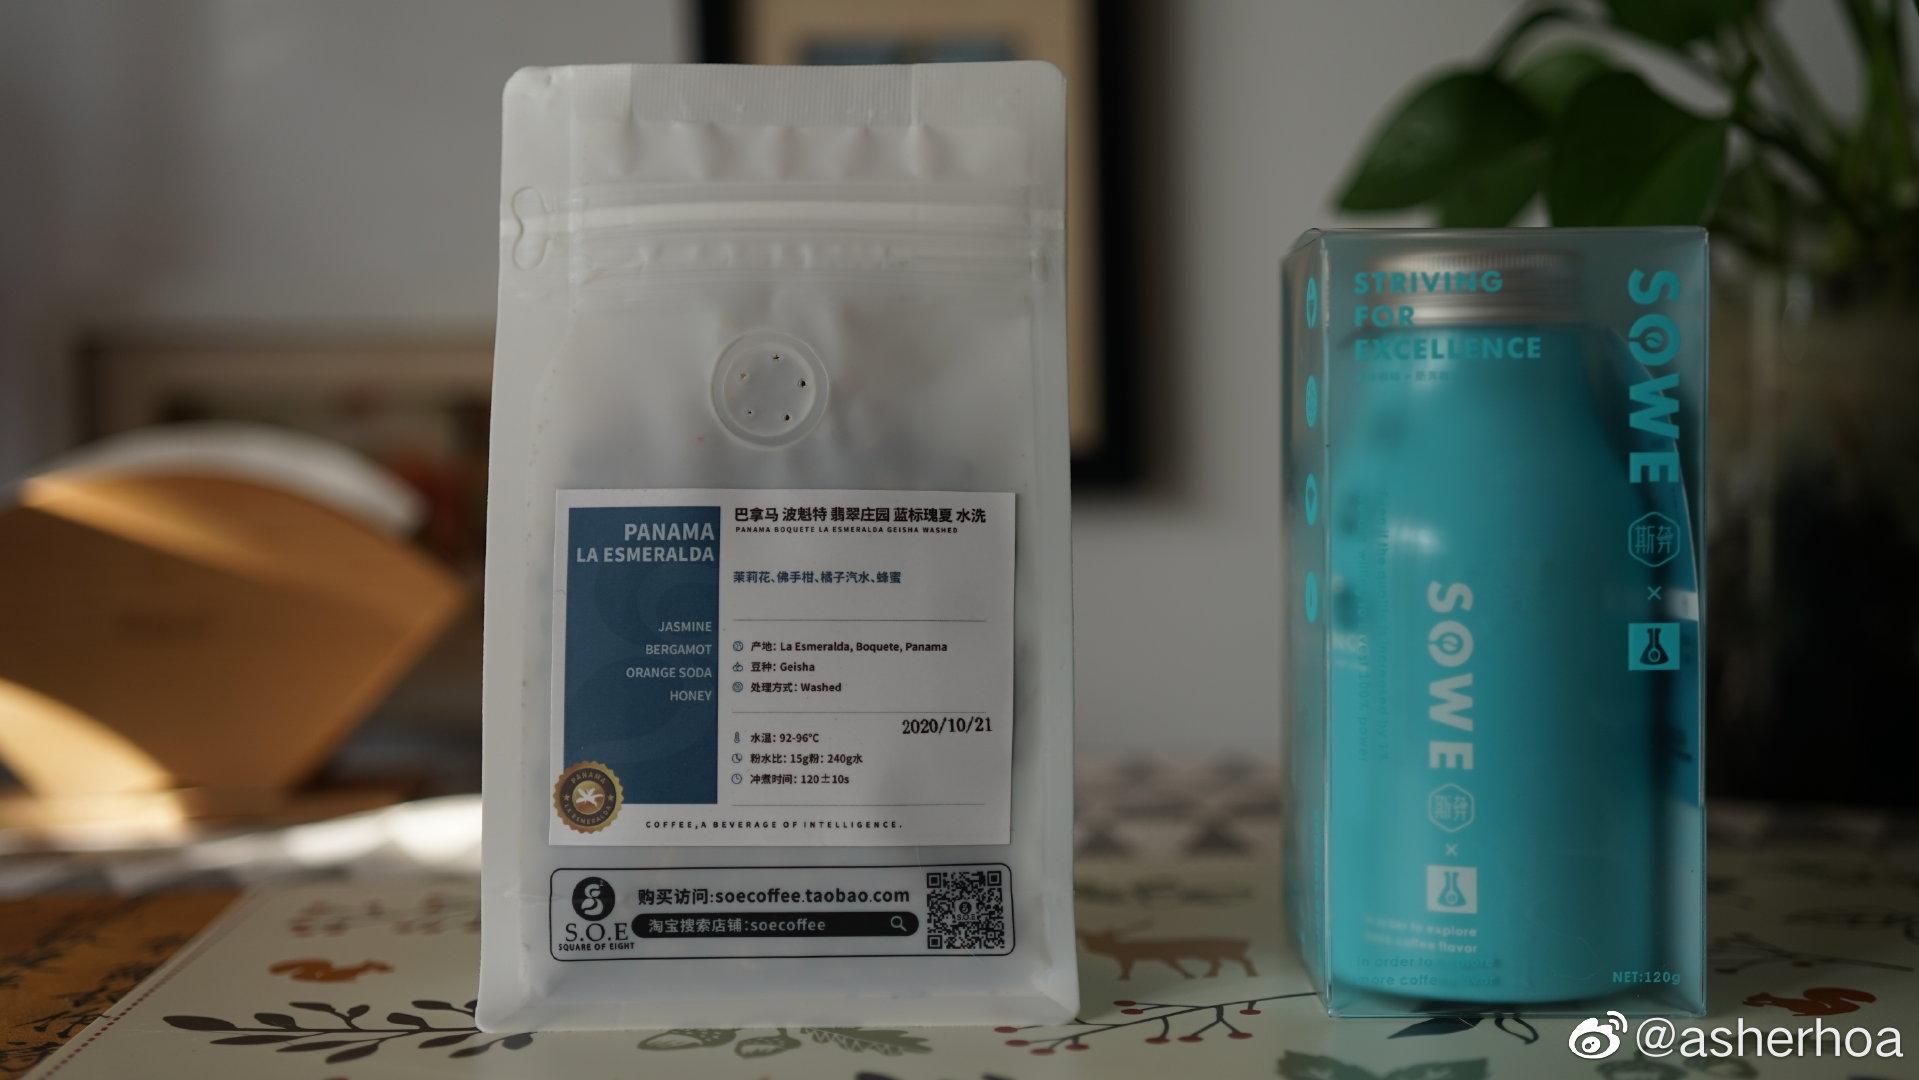 世界顶级瑰夏咖啡生产商巴拿马翡翠庄园将旗下瑰夏分为三个档次